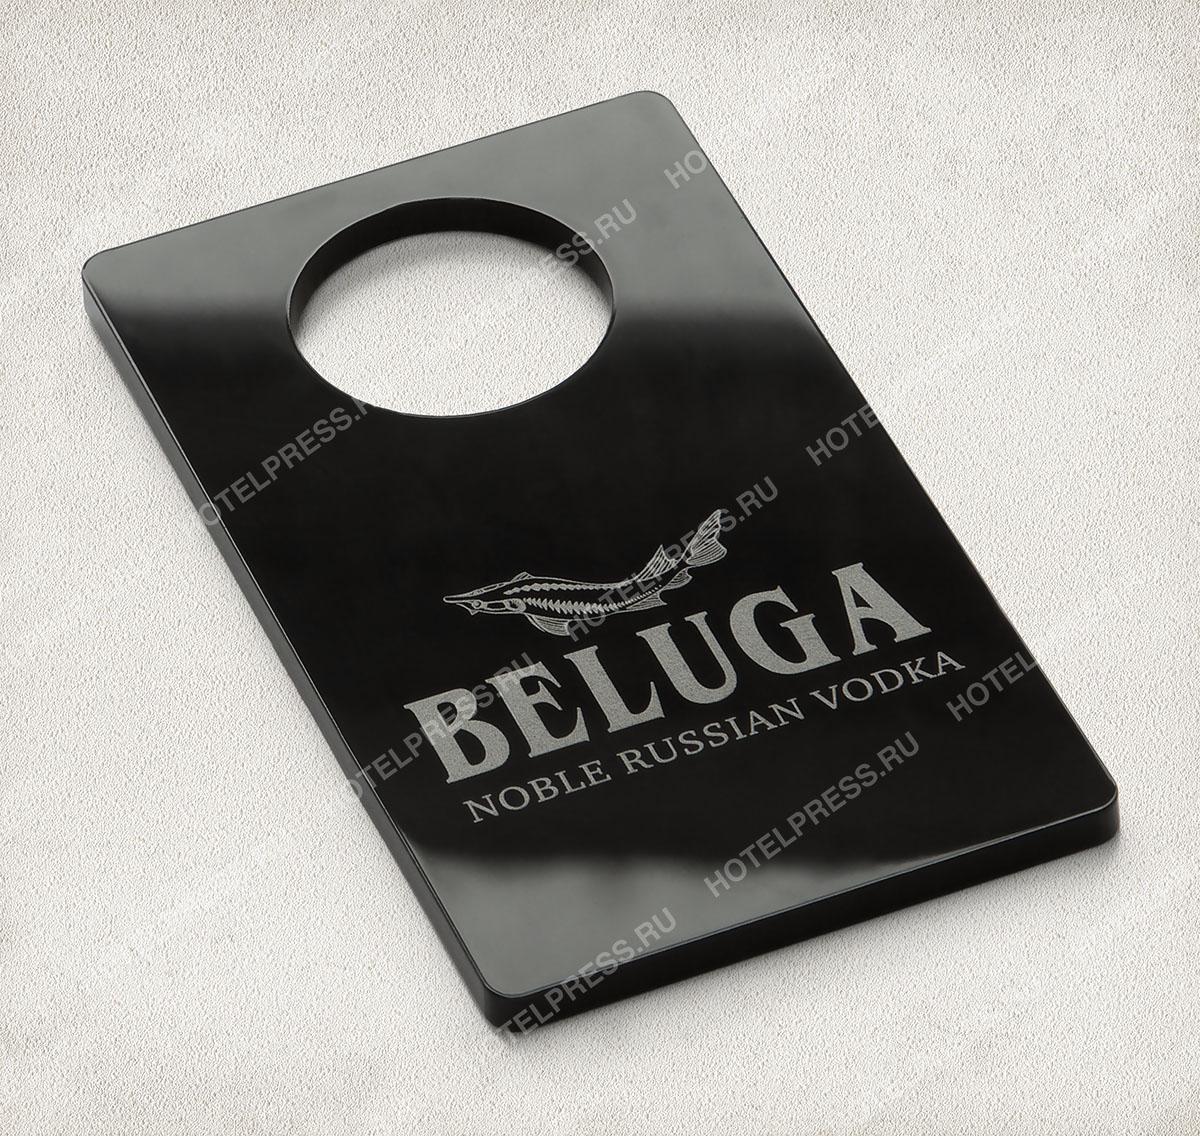 Номерoк c лазерной гравировкой и затиркой краской компании BELUGA GROUP